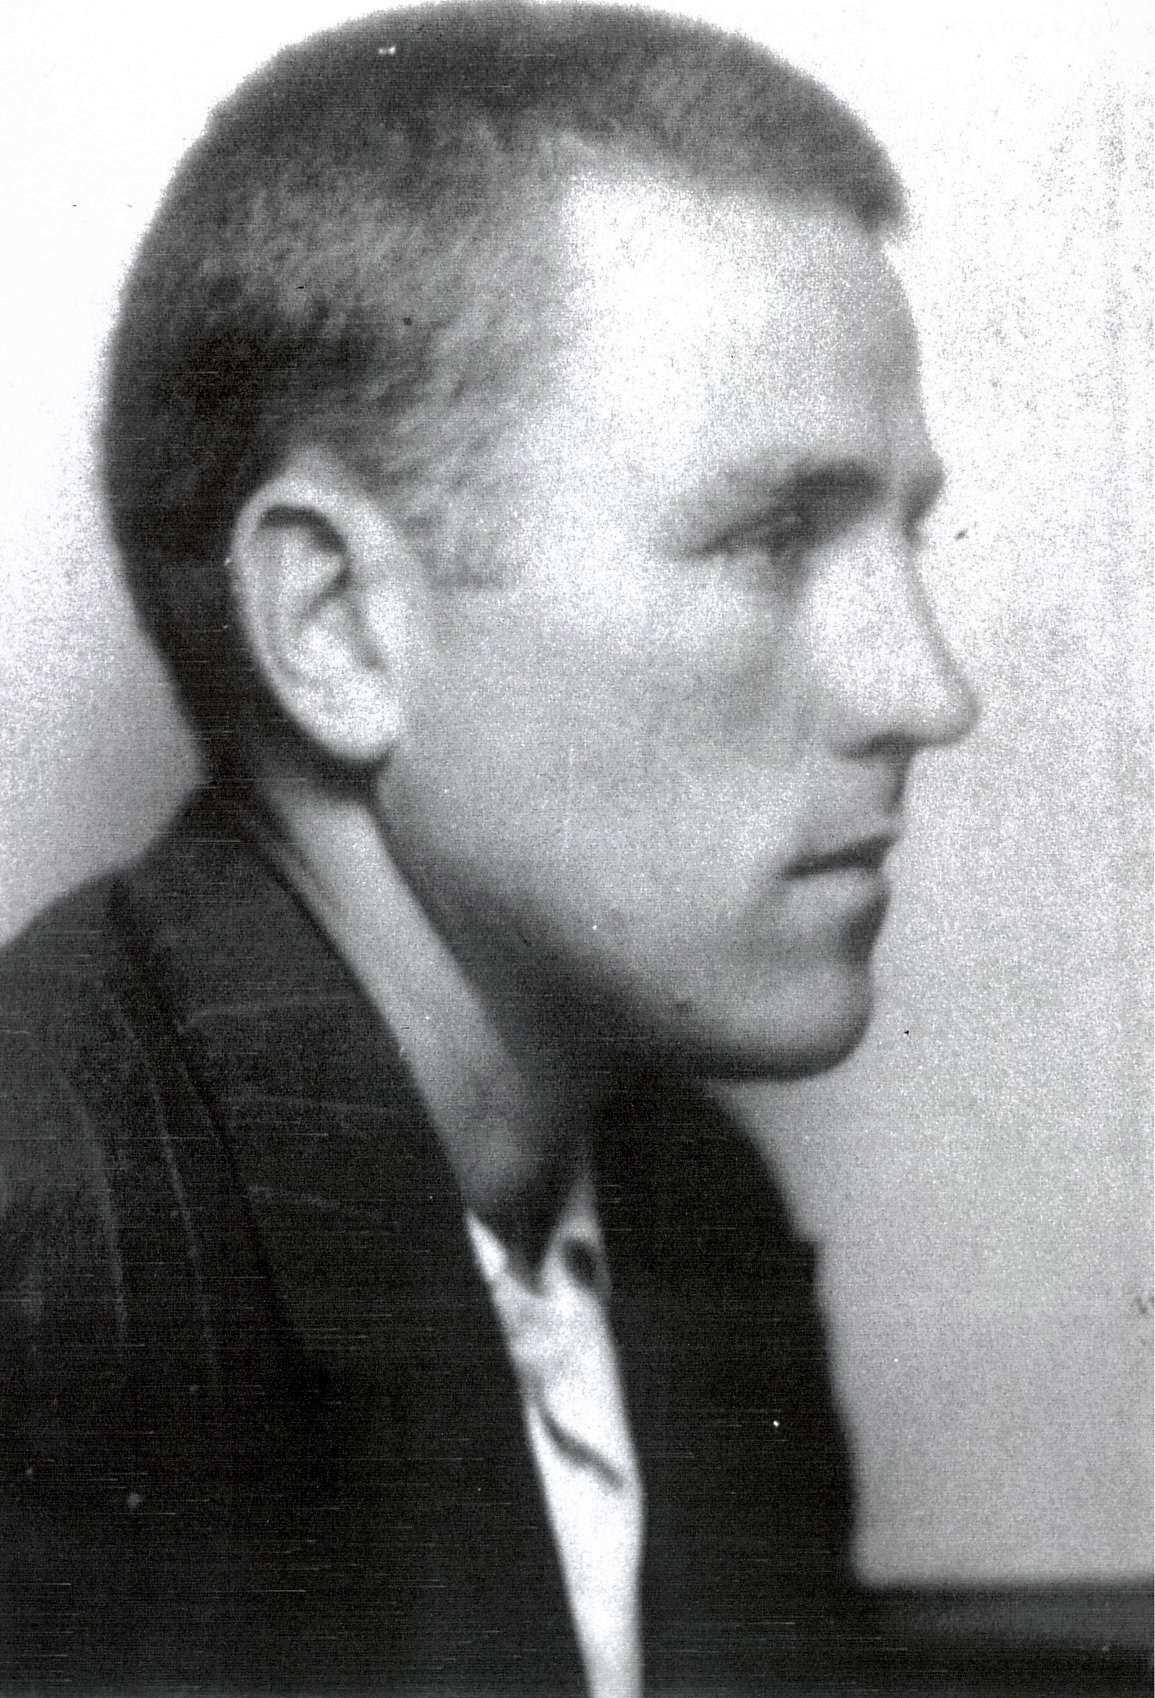 Juan Bautista Albesa Segura